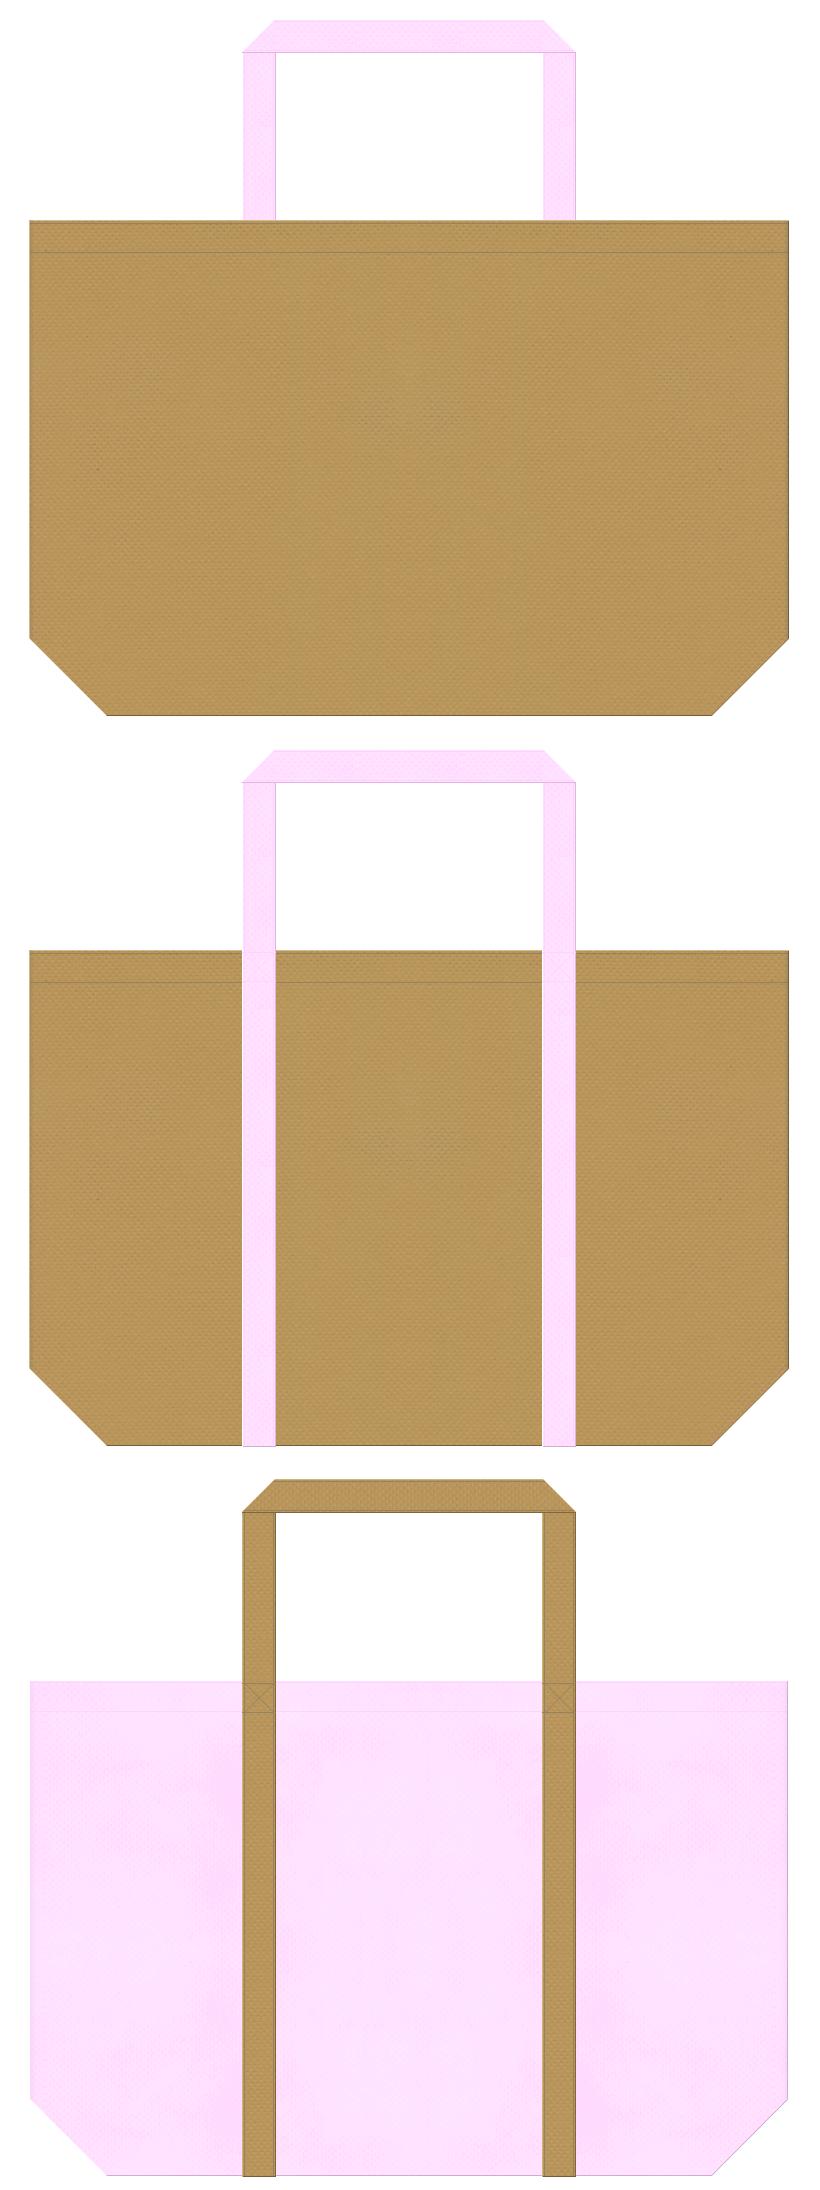 金色系黄土色と明るいピンク色の不織布バッグデザイン。ペットショップ・ペットサロンのノベルティにお奨めです。